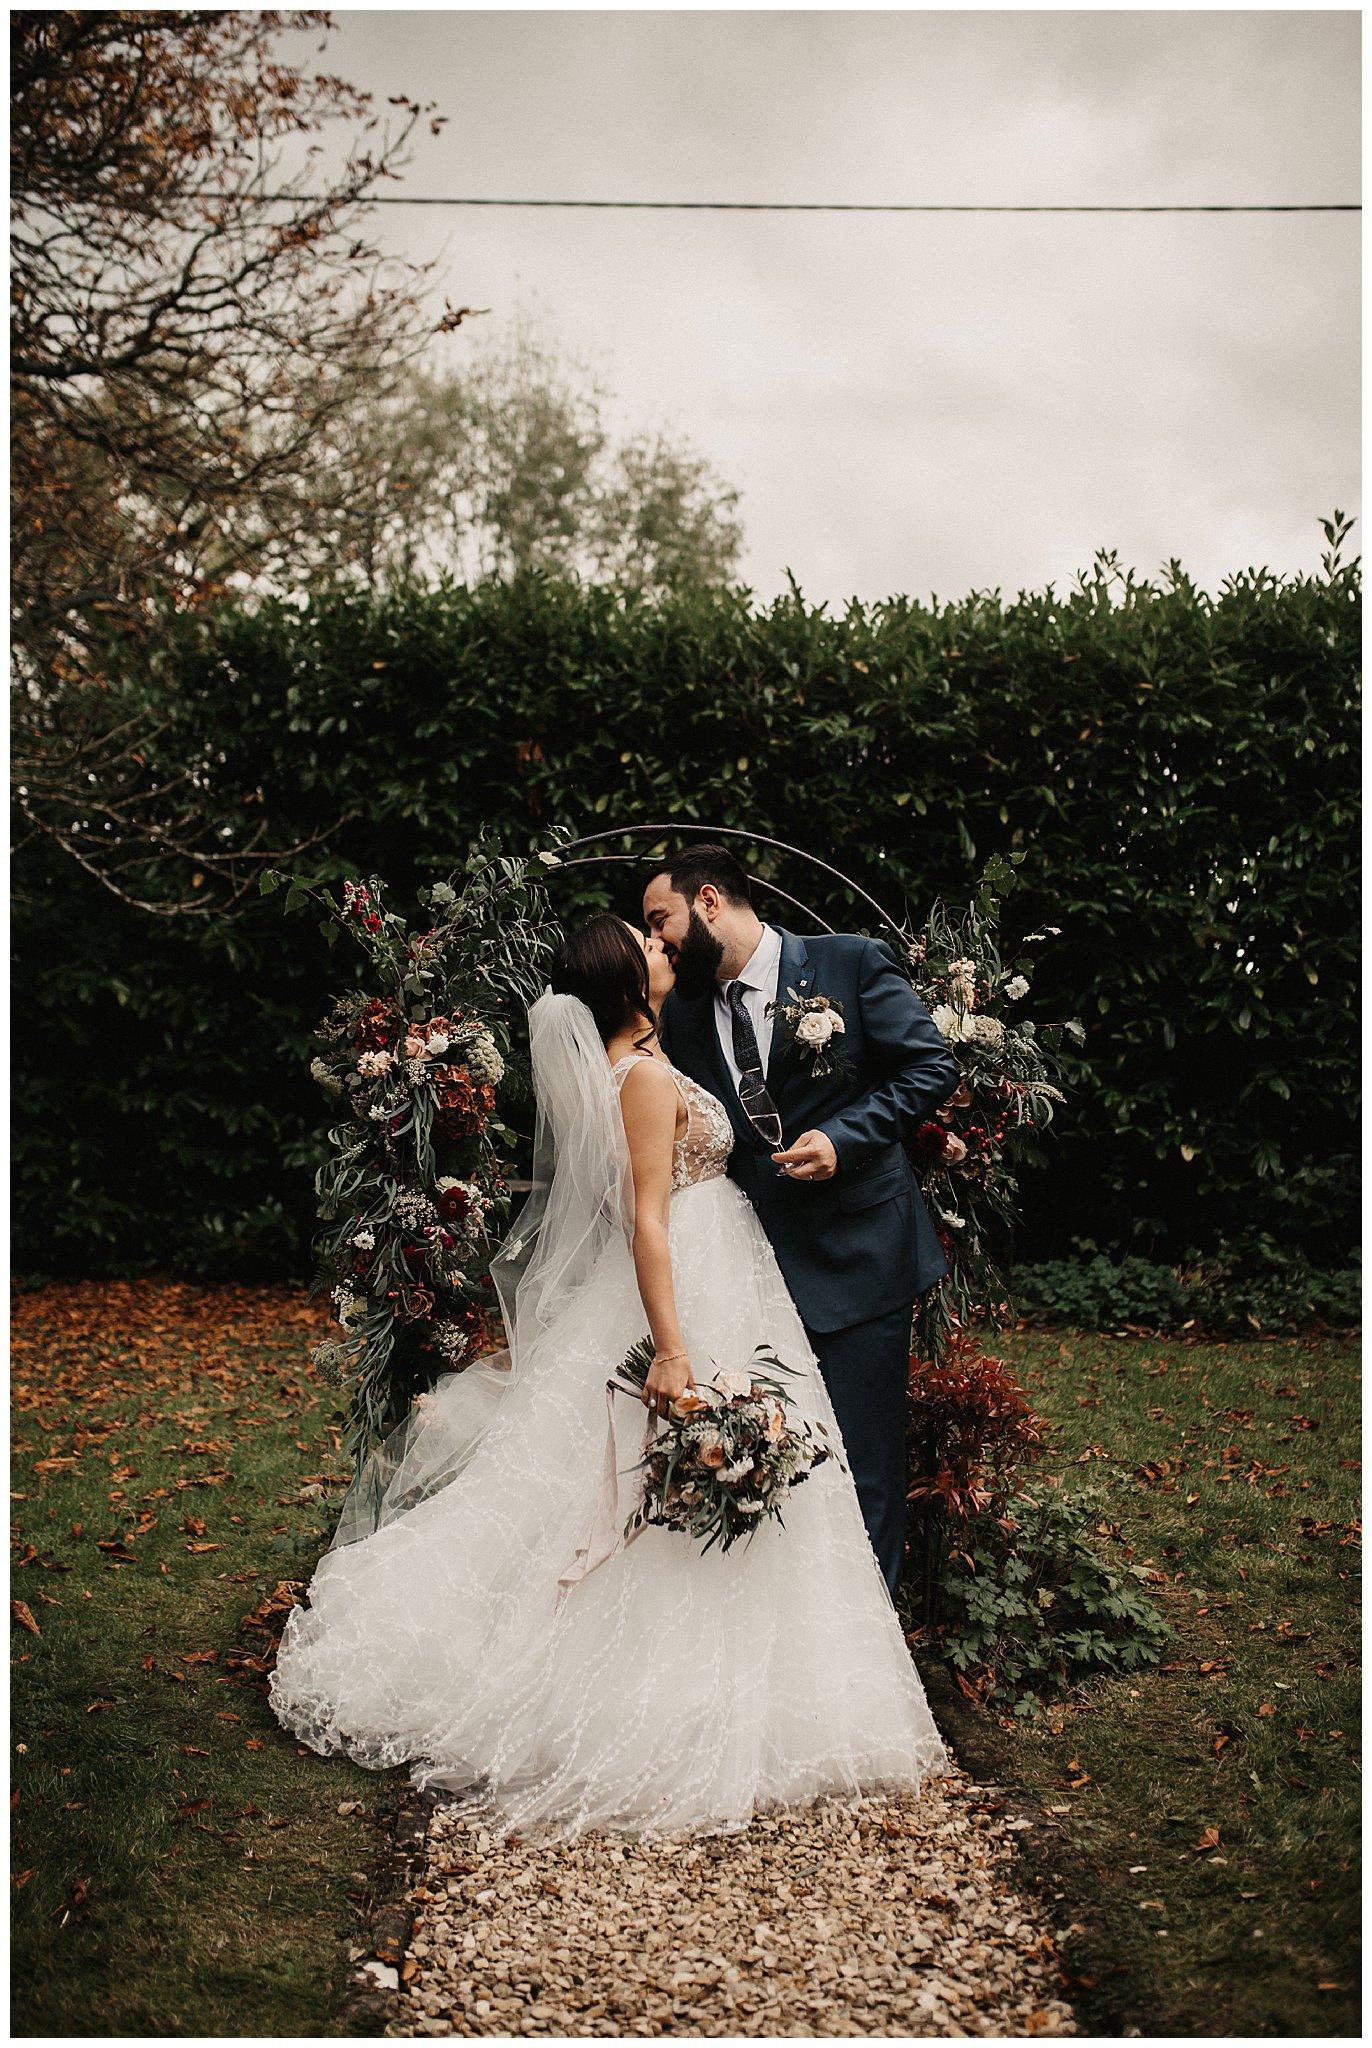 Max & Ksenia Autumnal Wiltshire Wedding-379.jpg